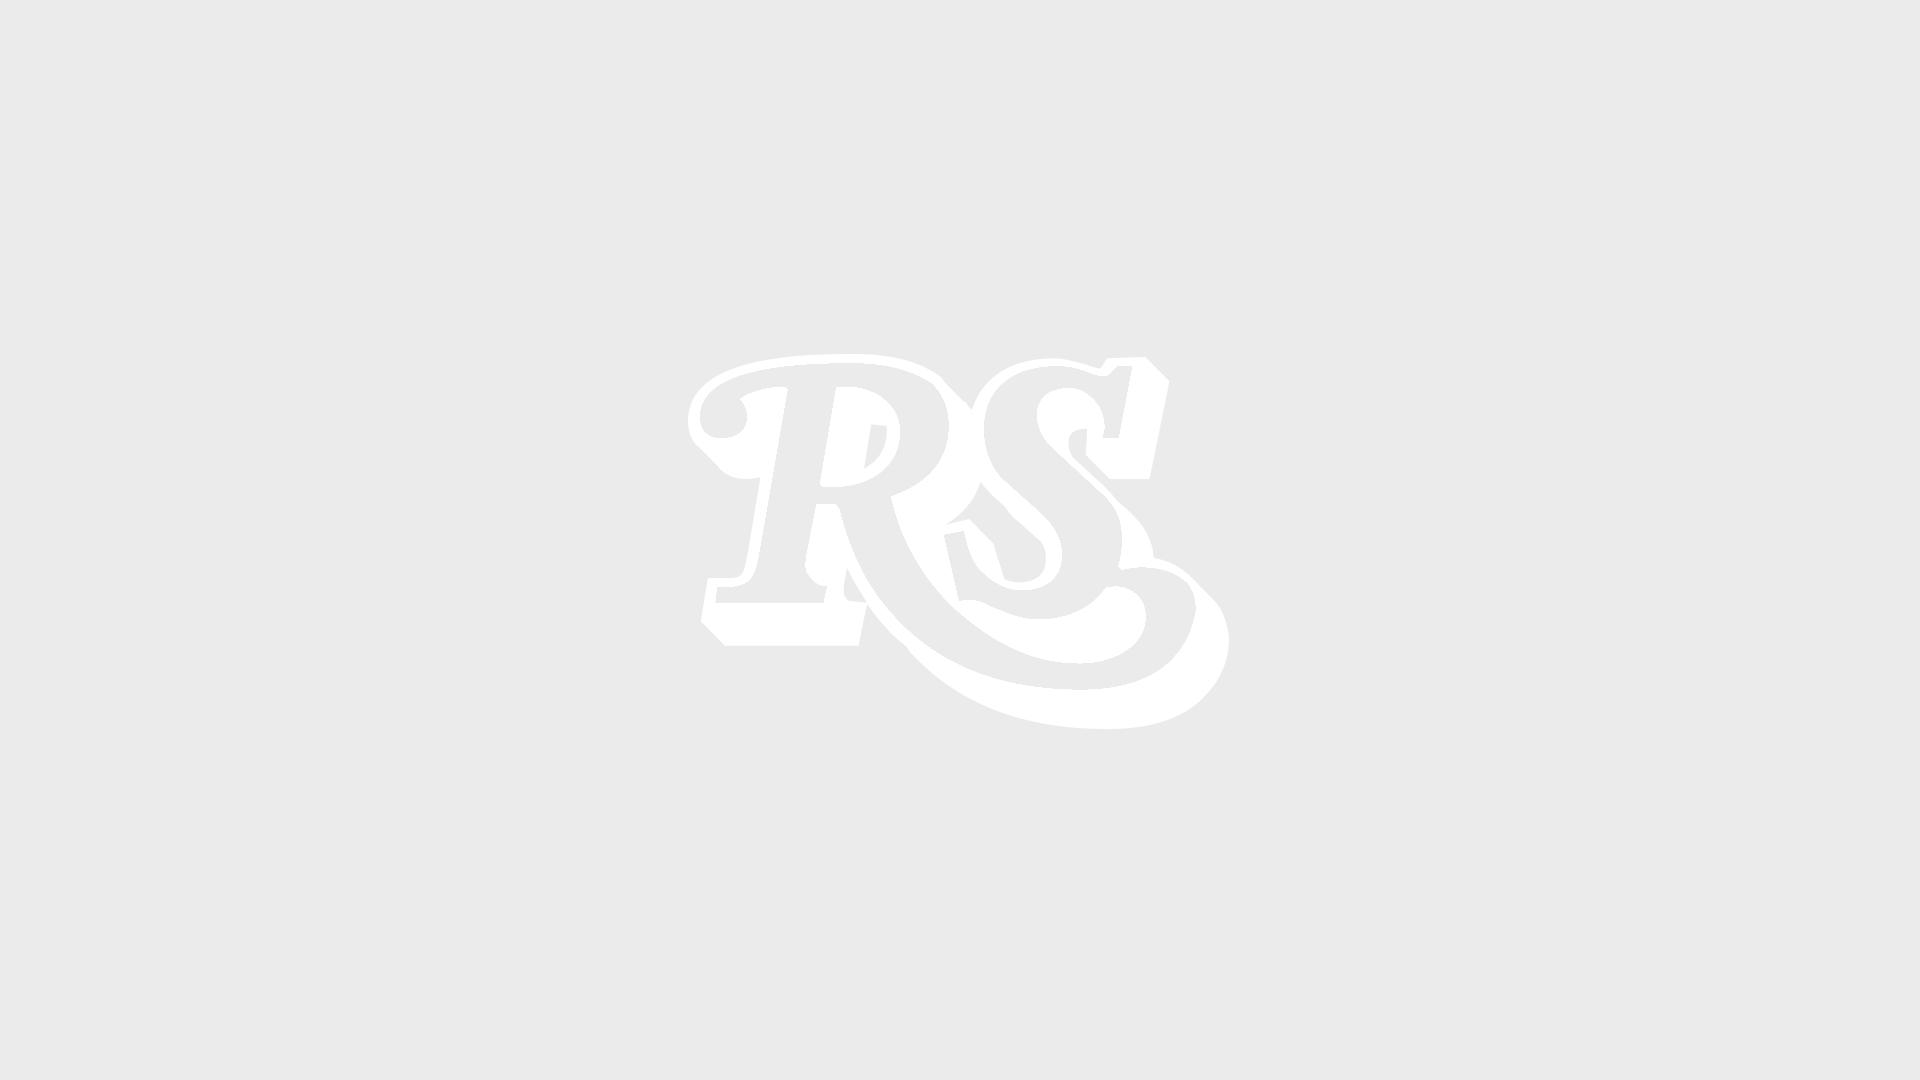 Die Ramones 1977 bei einem Konzert mit ihrem bandeigenen 'Presidential Seal'-Logo im Hintergund. Auf den Fahnen geschreiben: